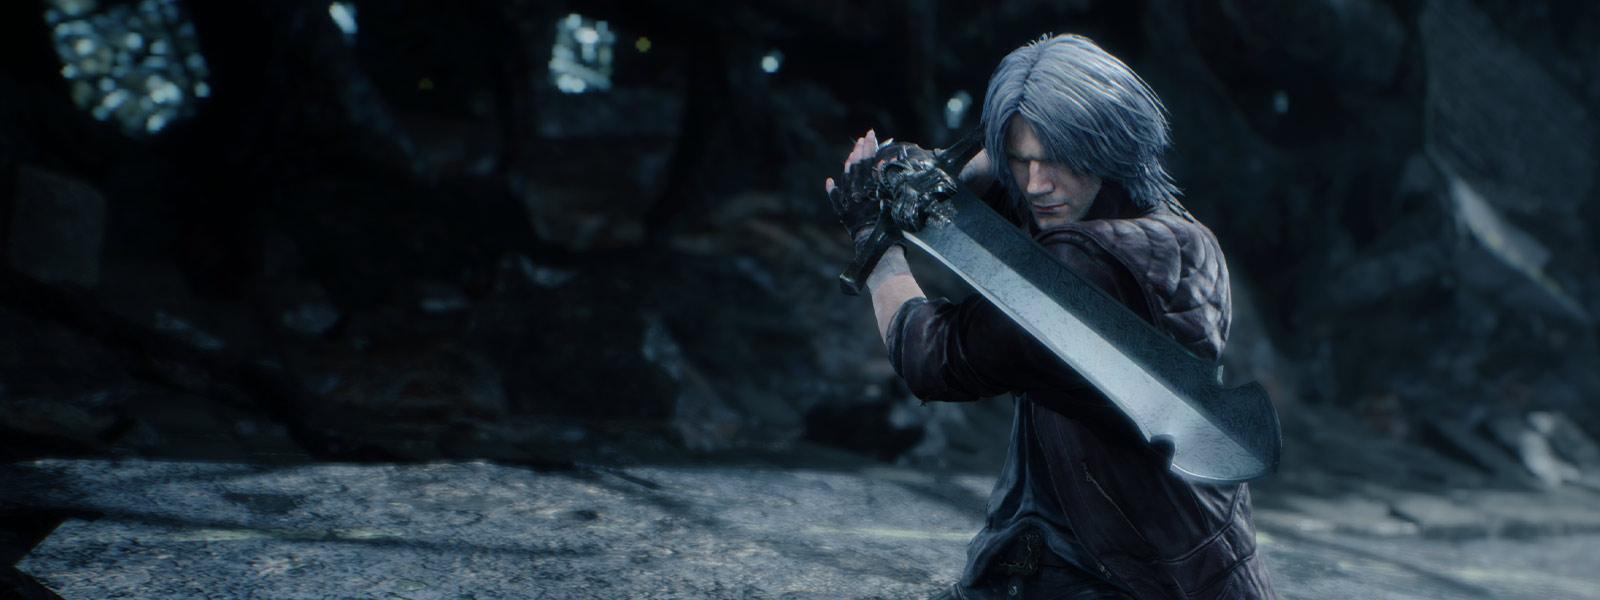 Nero staat in de aanslag met getrokken zwaard